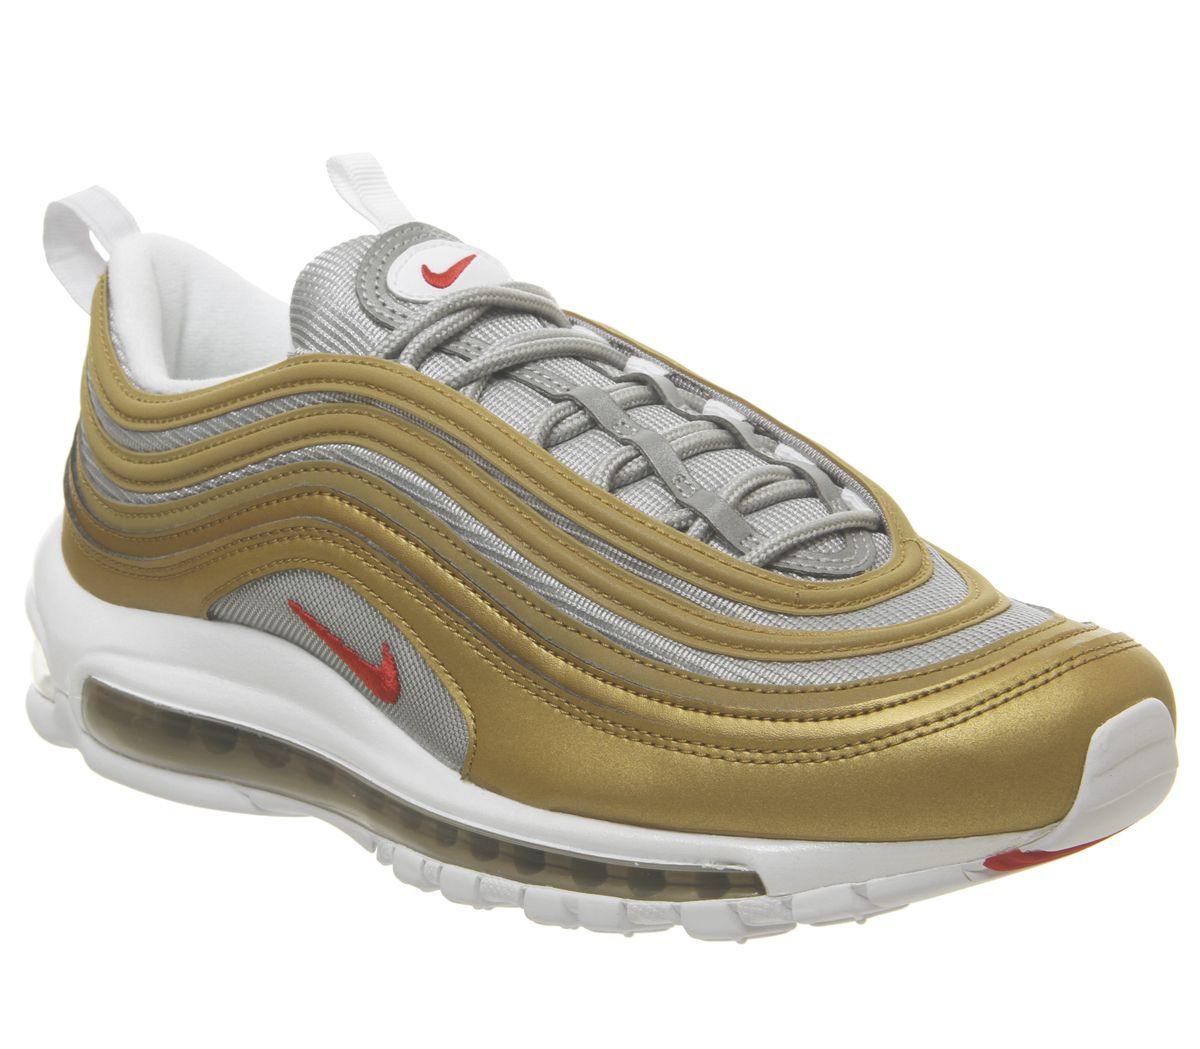 Promotion sur une sélection de baskets - Ex: Nike Air Max 97 Gold Silver White